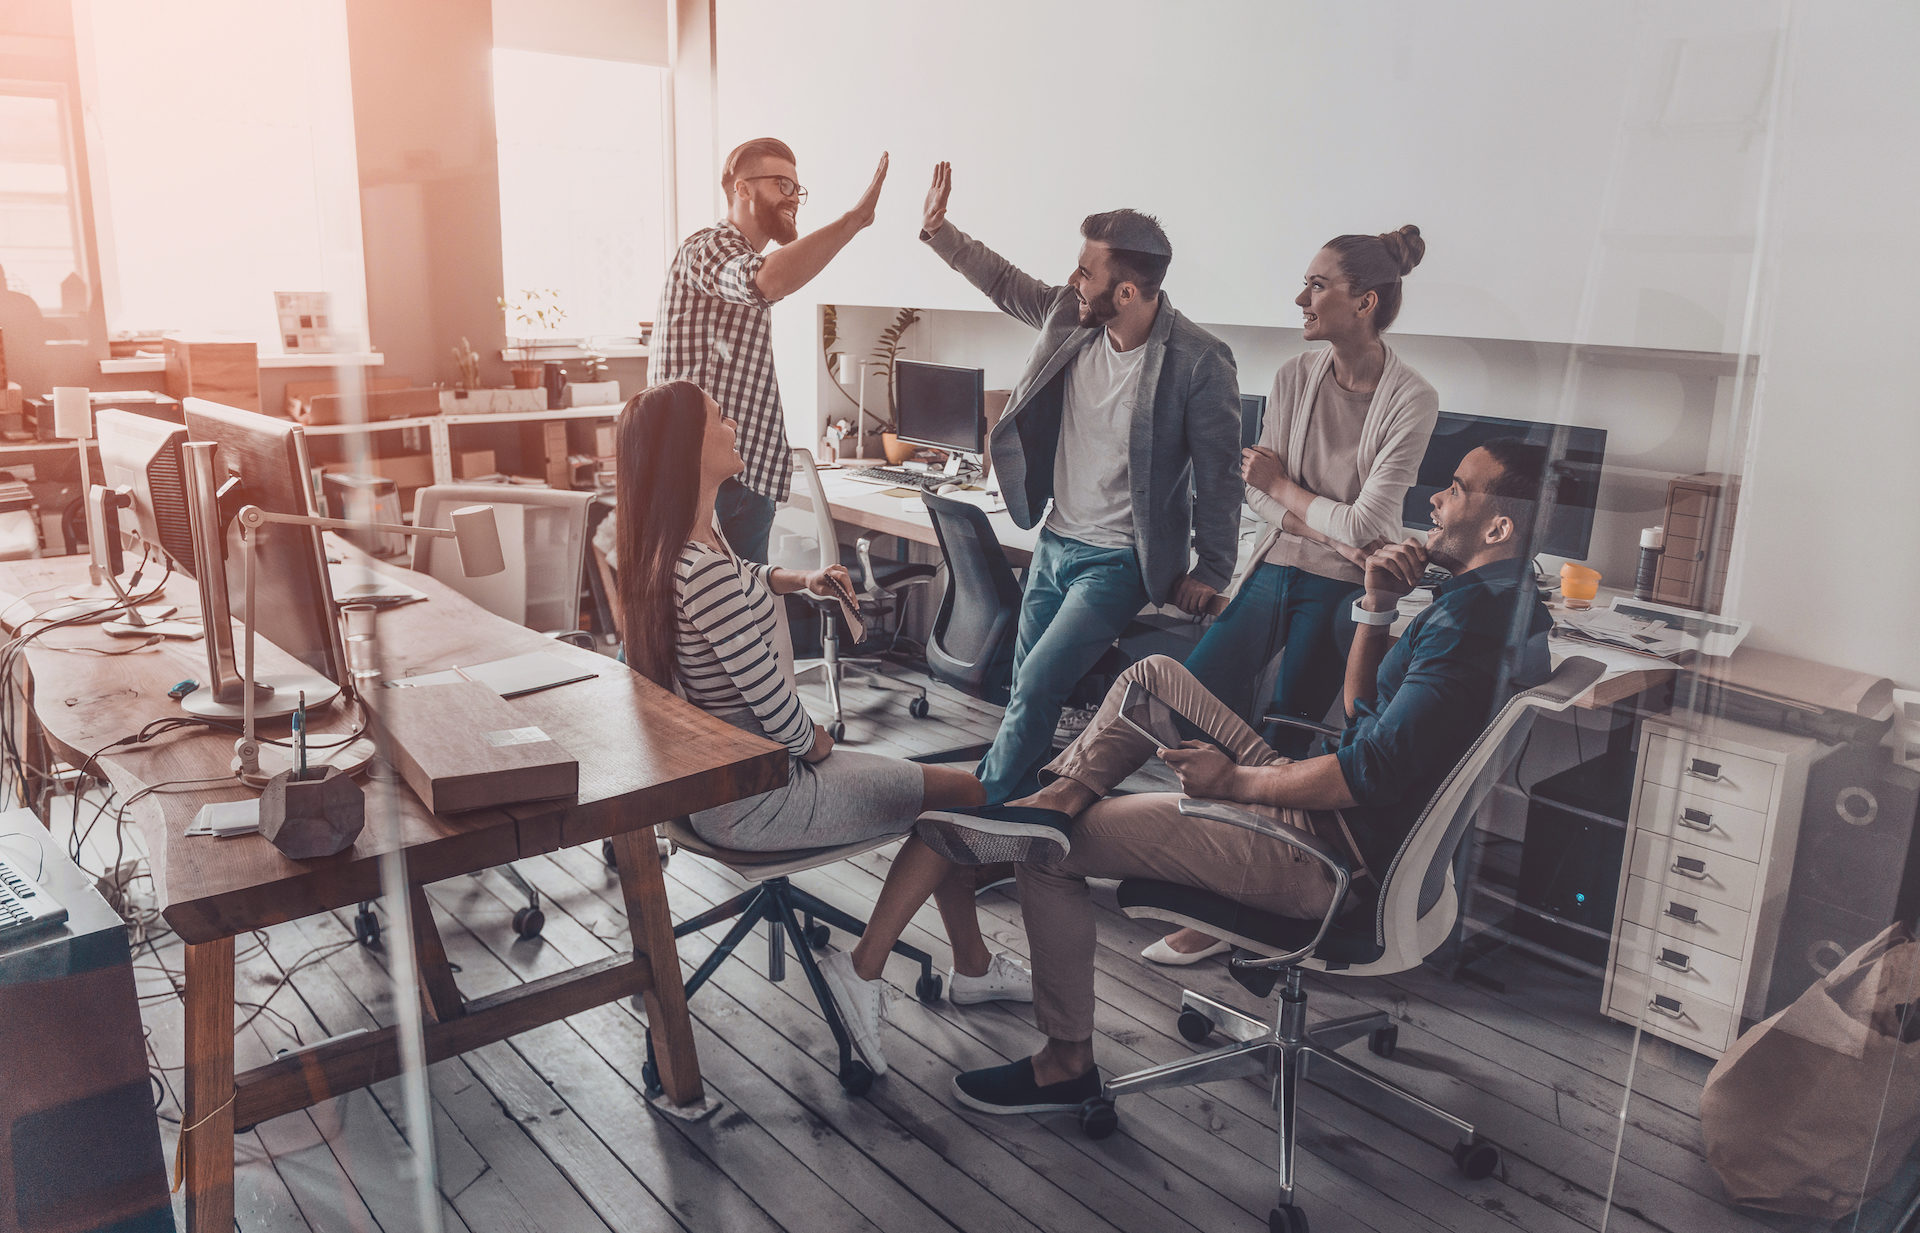 Työhyvinvoinnin mittaaminen, Workplace wellbeing, työntekijäkokemus, employee experience